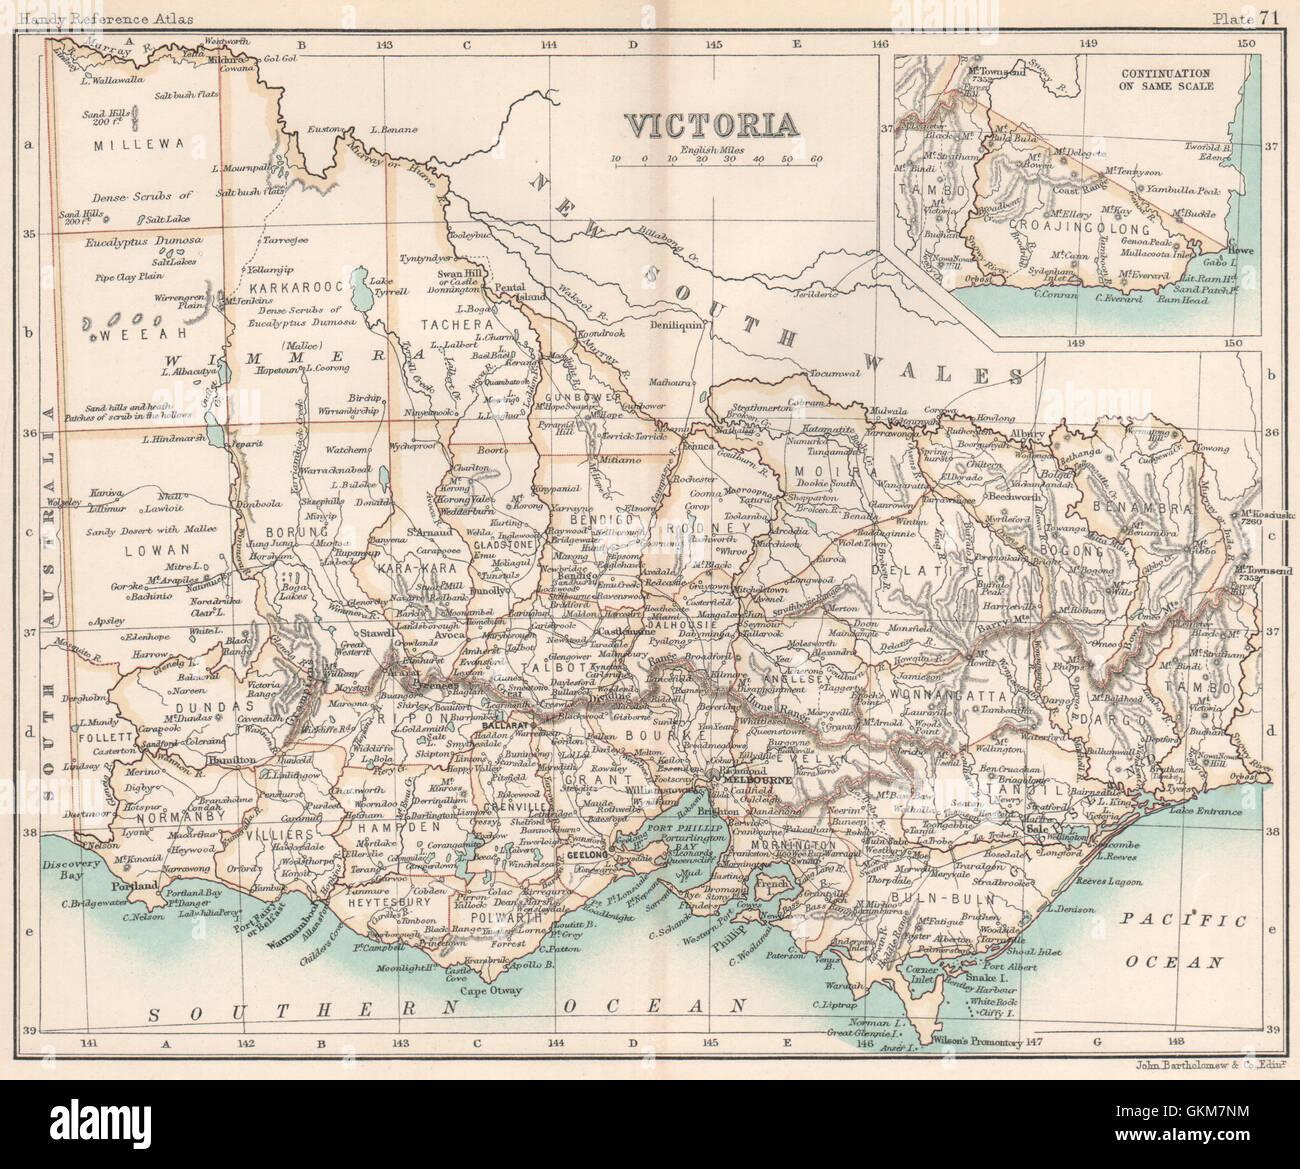 Victoria State Australia Map.Victoria State Map Australia Bartholomew 1904 Stock Photo